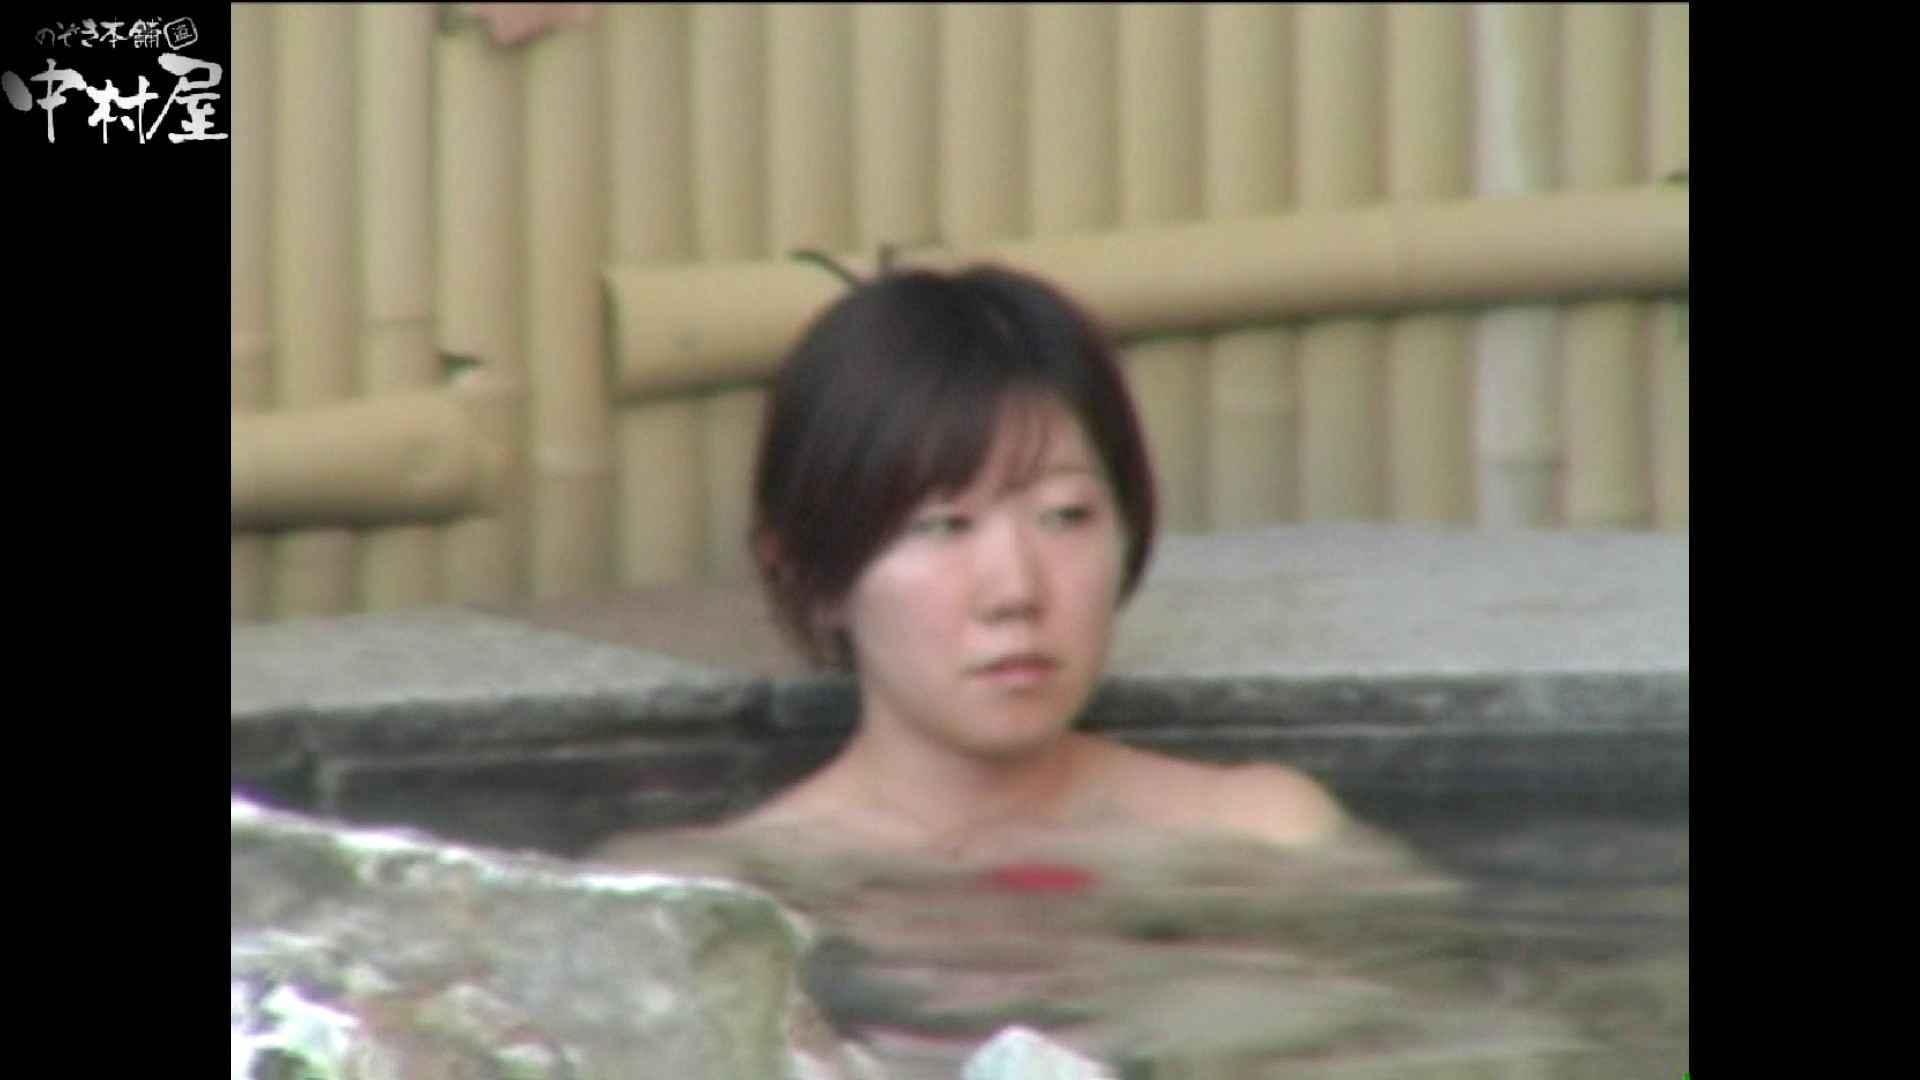 Aquaな露天風呂Vol.977 美しいOLの裸体 ヌード画像 83pic 68